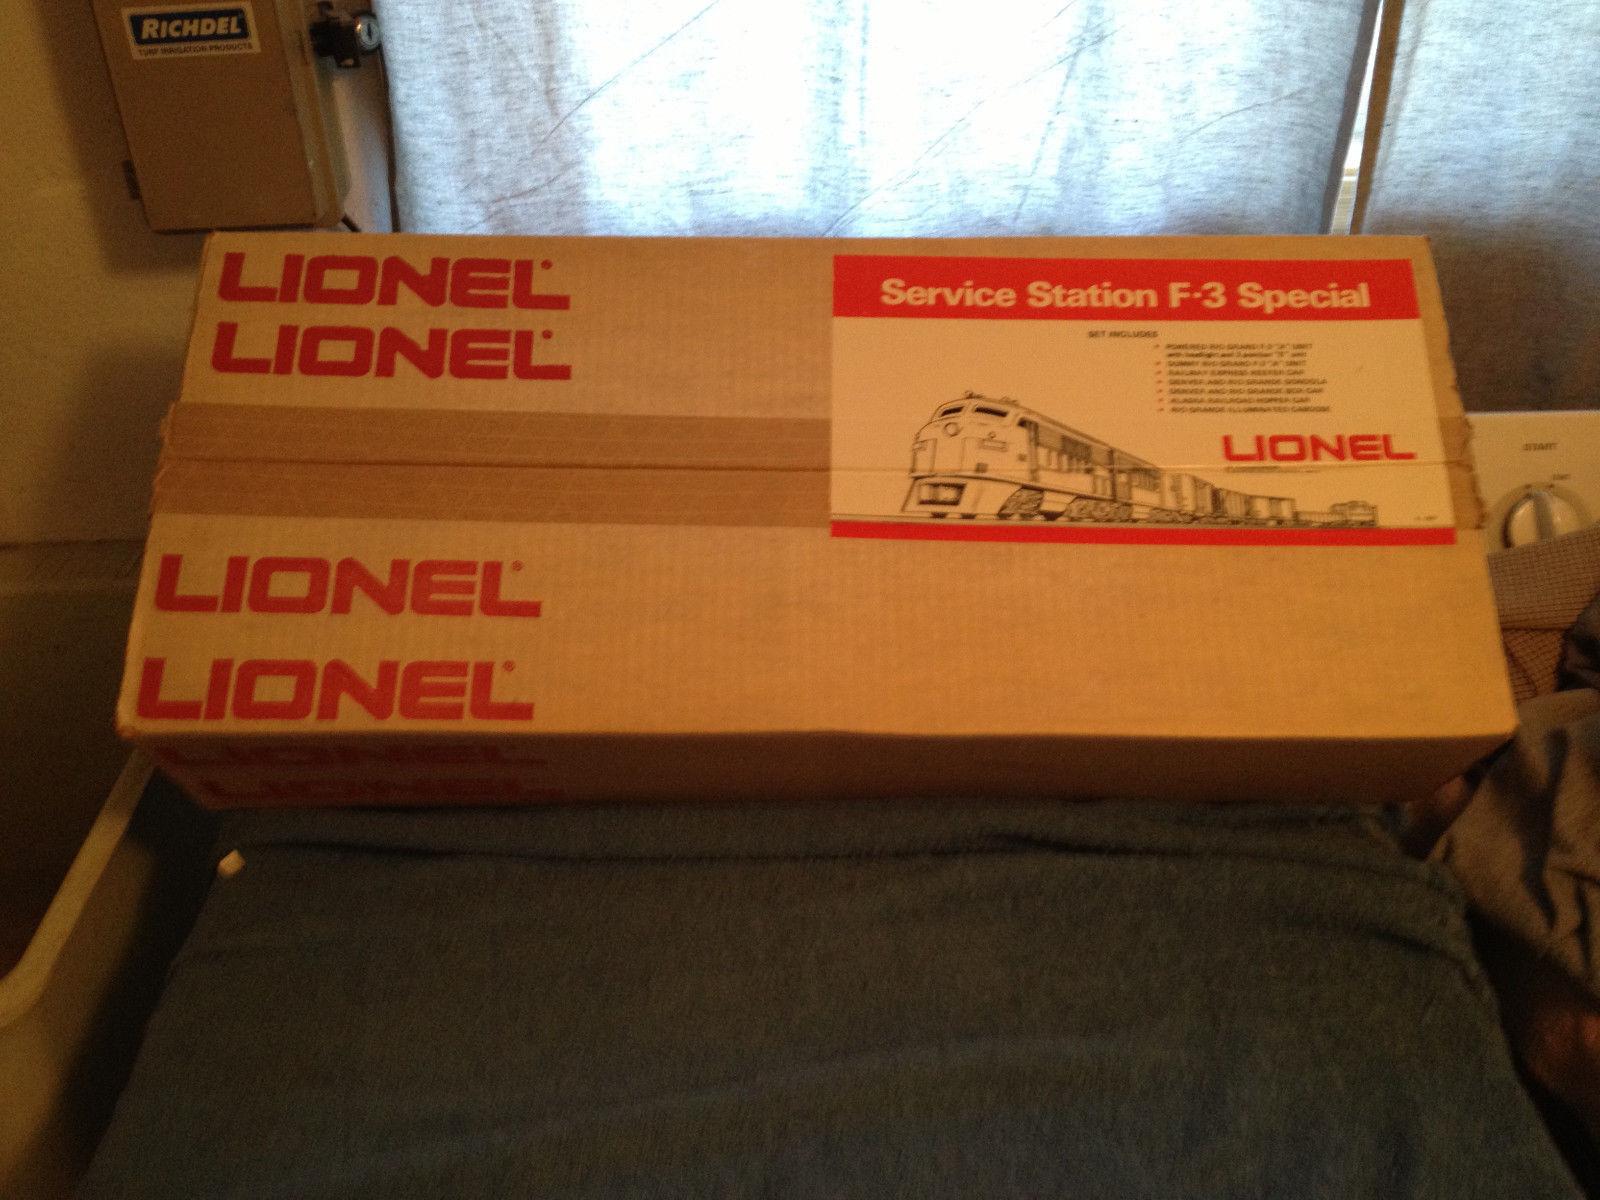 1974 lionel 1450 Service Station F-3 Special Set/ MINT Unran sealed